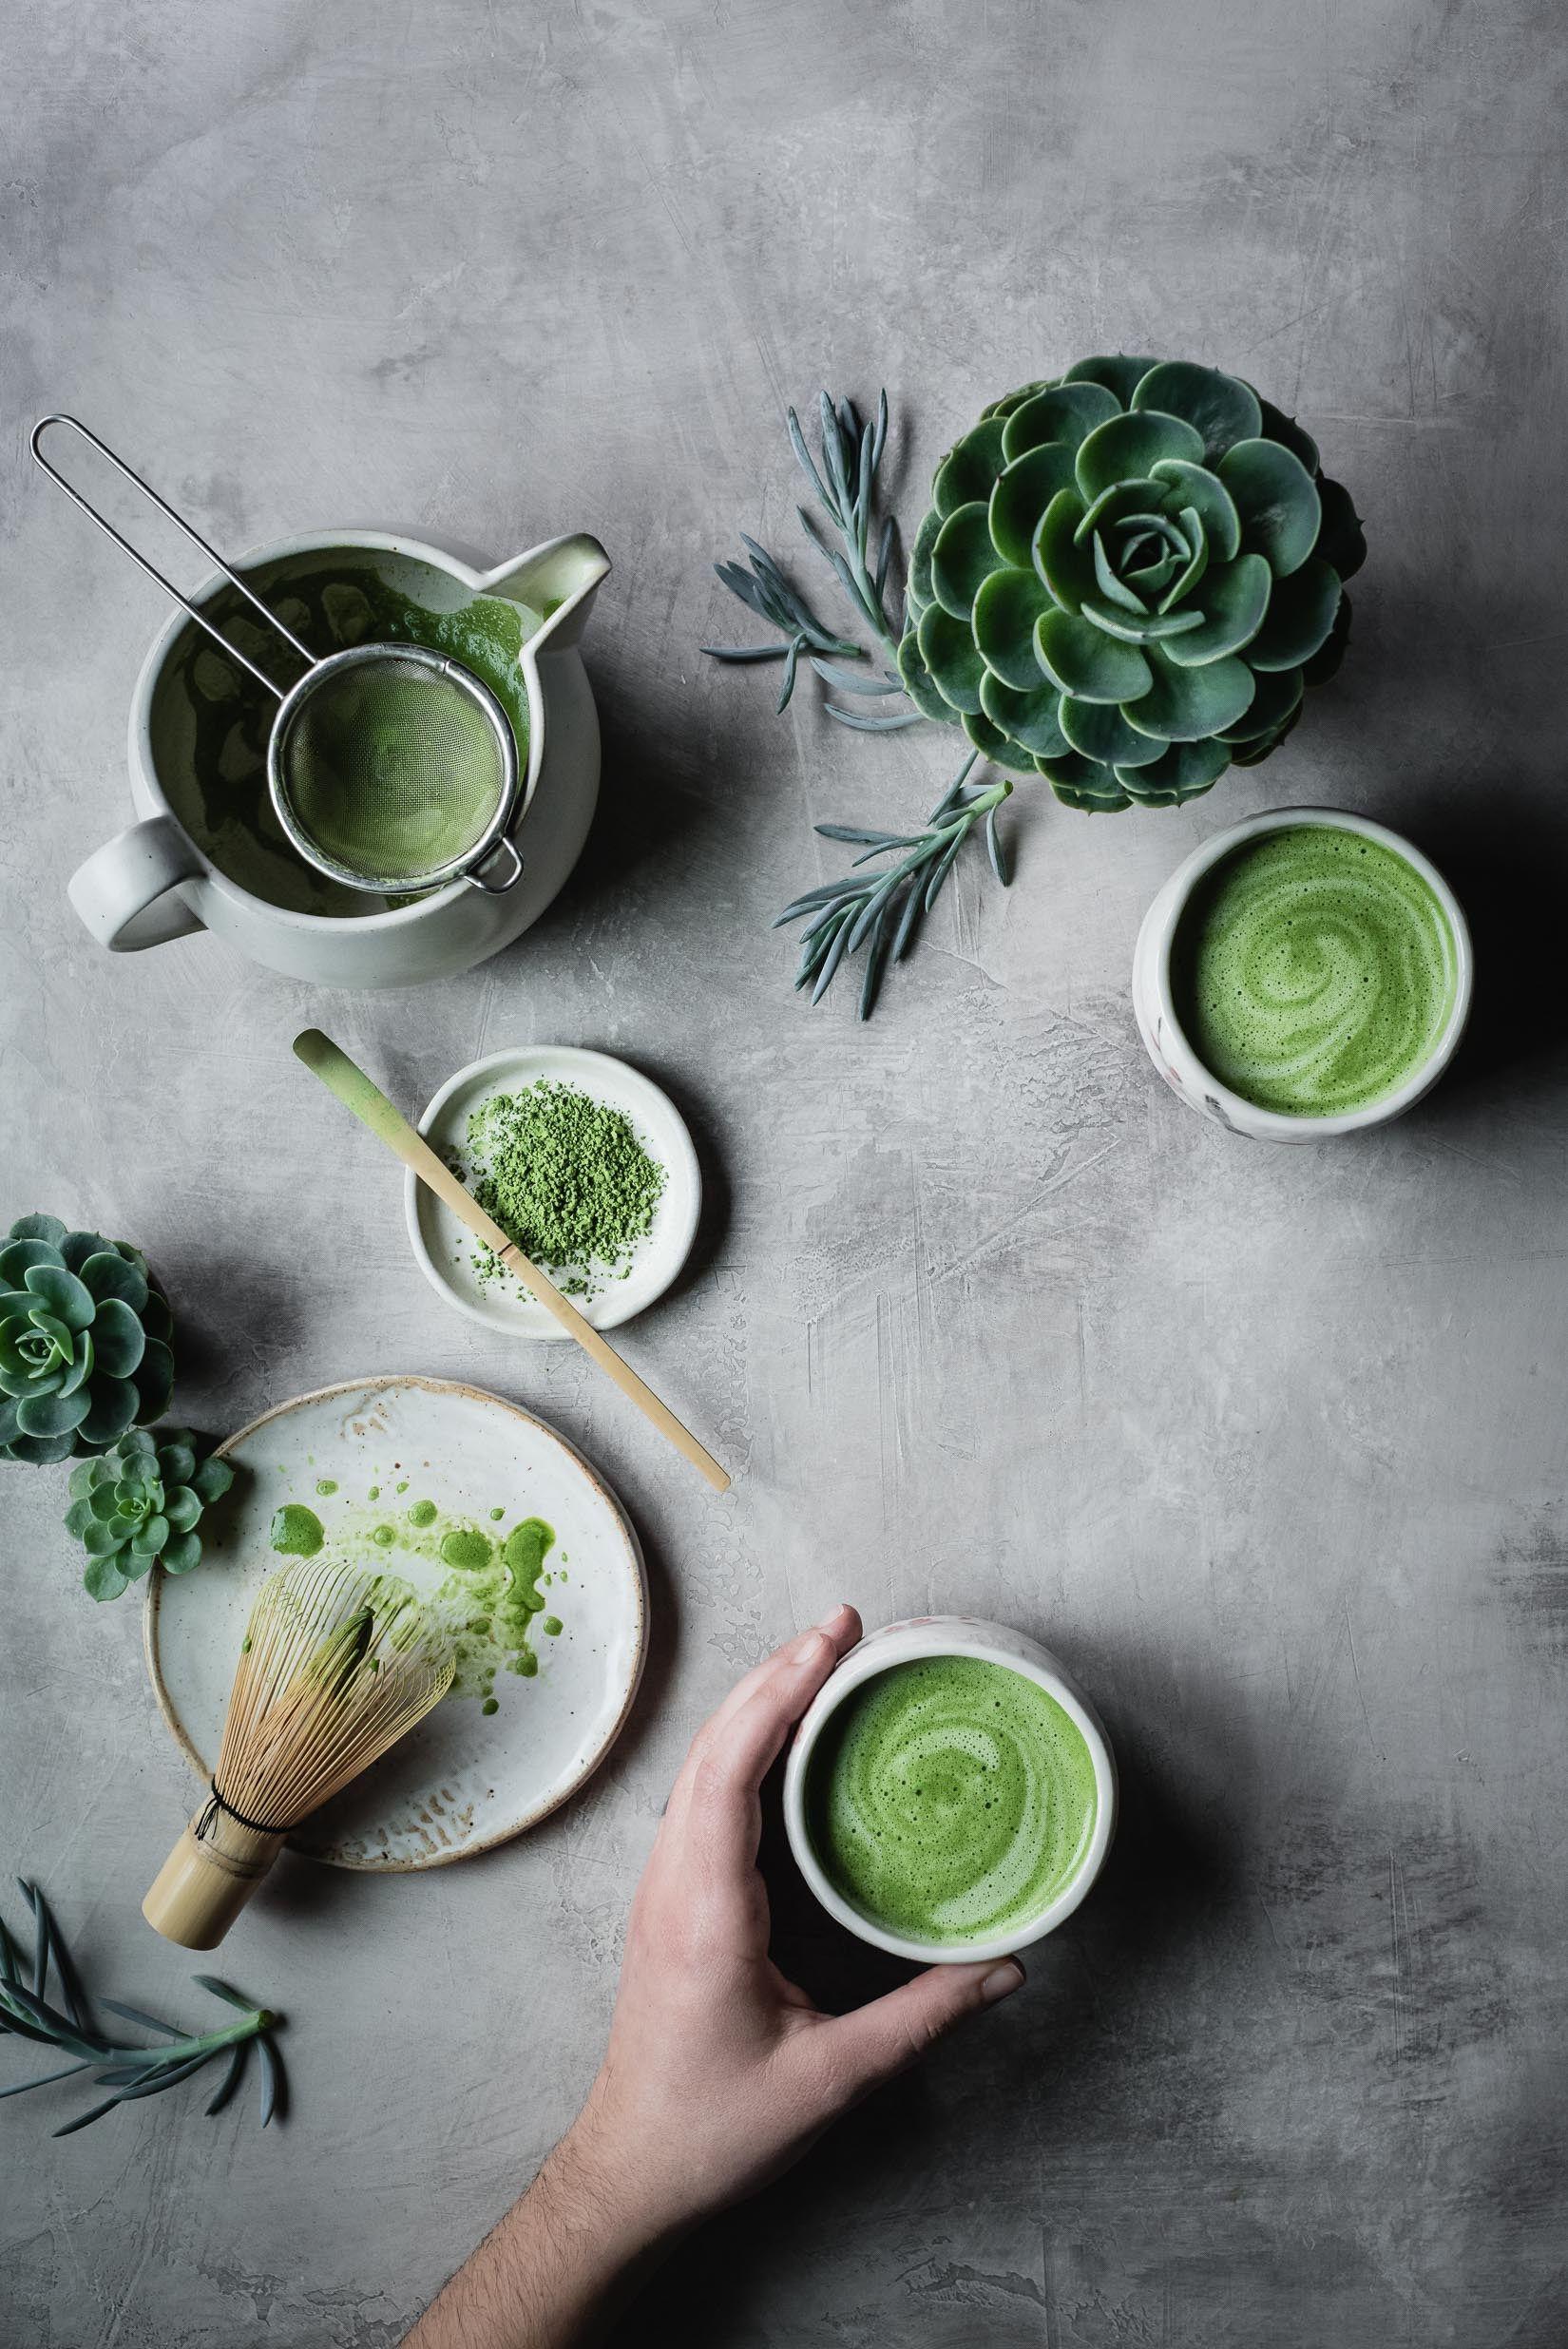 zöld tea köménytel fogyni